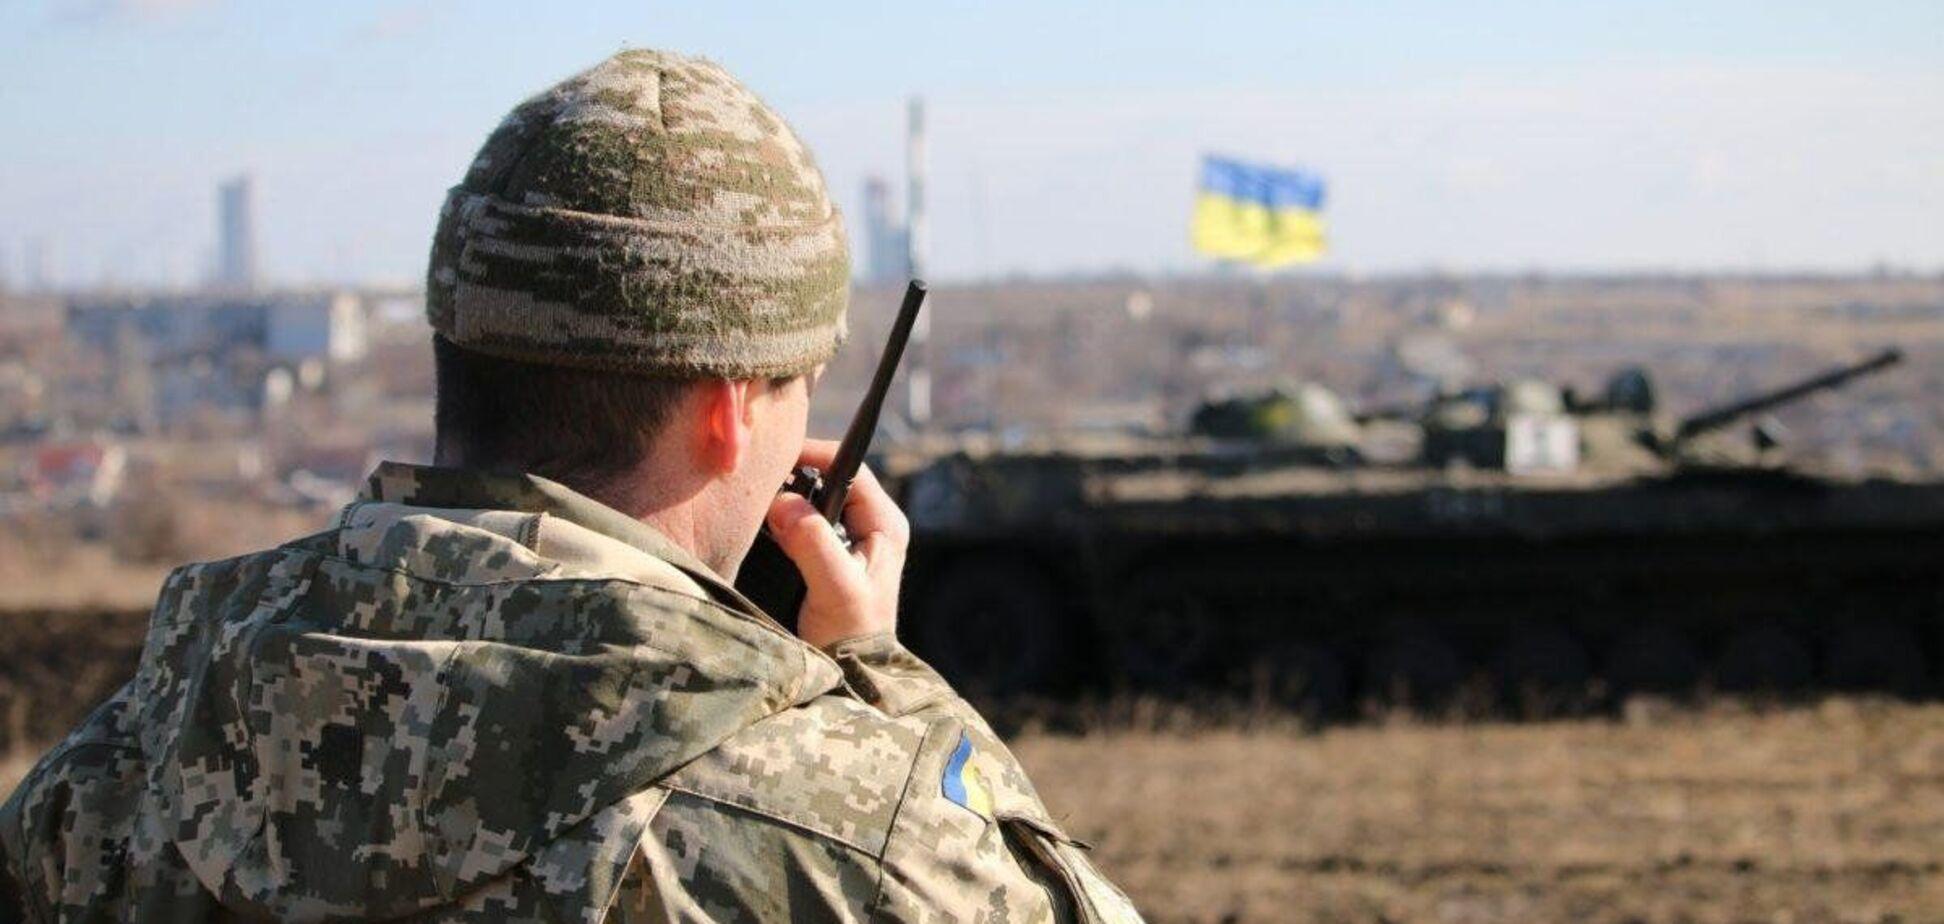 Військовий розповів про цілі інспекції позицій ВСУ біля Шумів